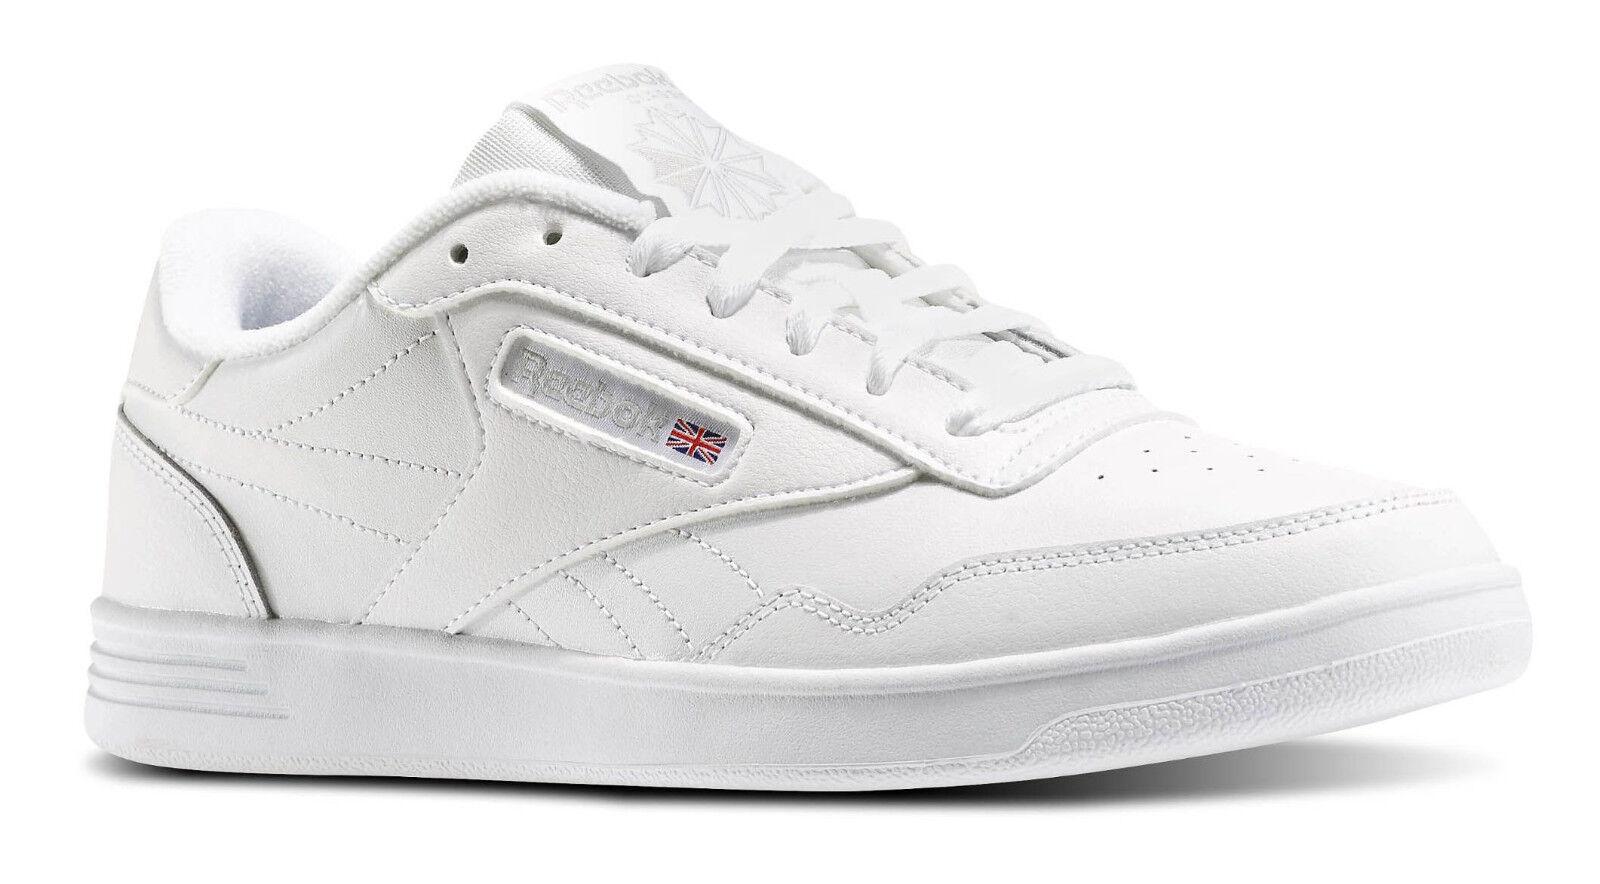 Reebok Classic Club Memt Lifestyle Acier Blanche Homme Baskets Chaussures de tennis V63340